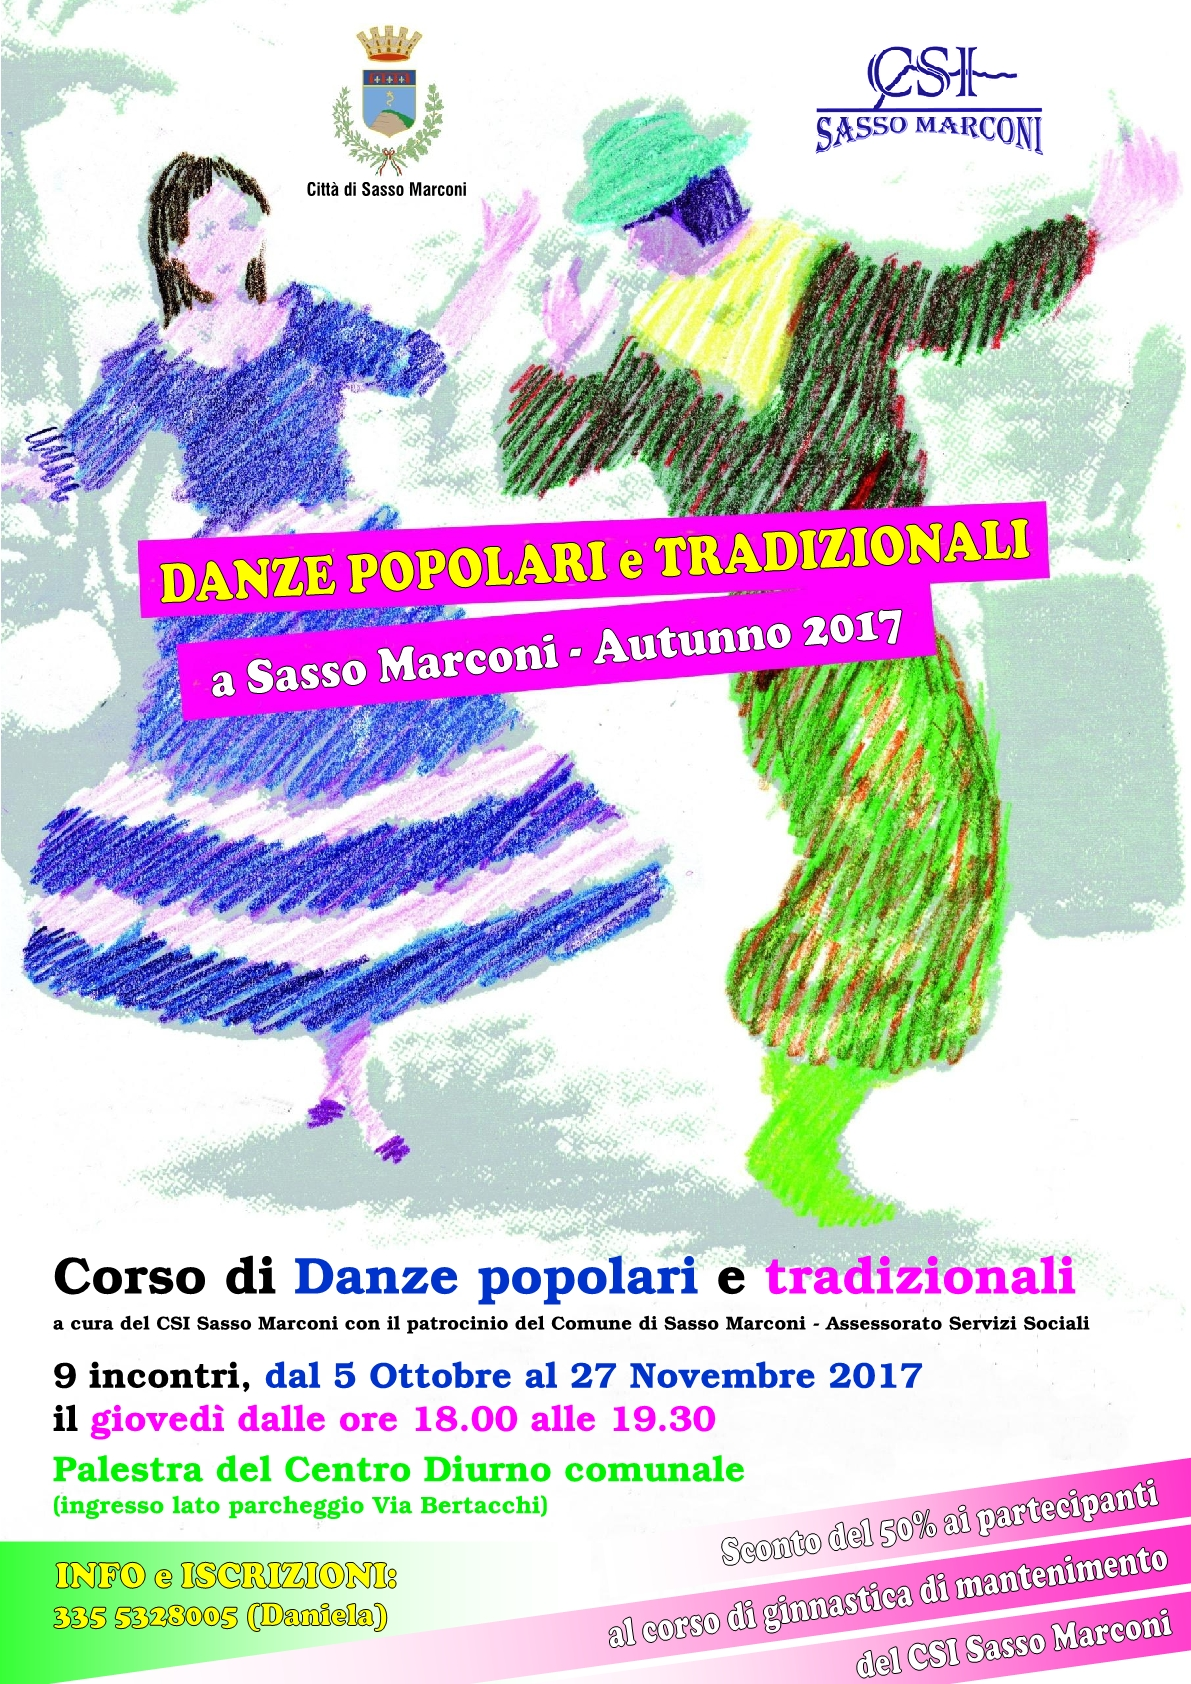 Inizio Corso di Danze popolari e Tradizionali a Sasso Marconi